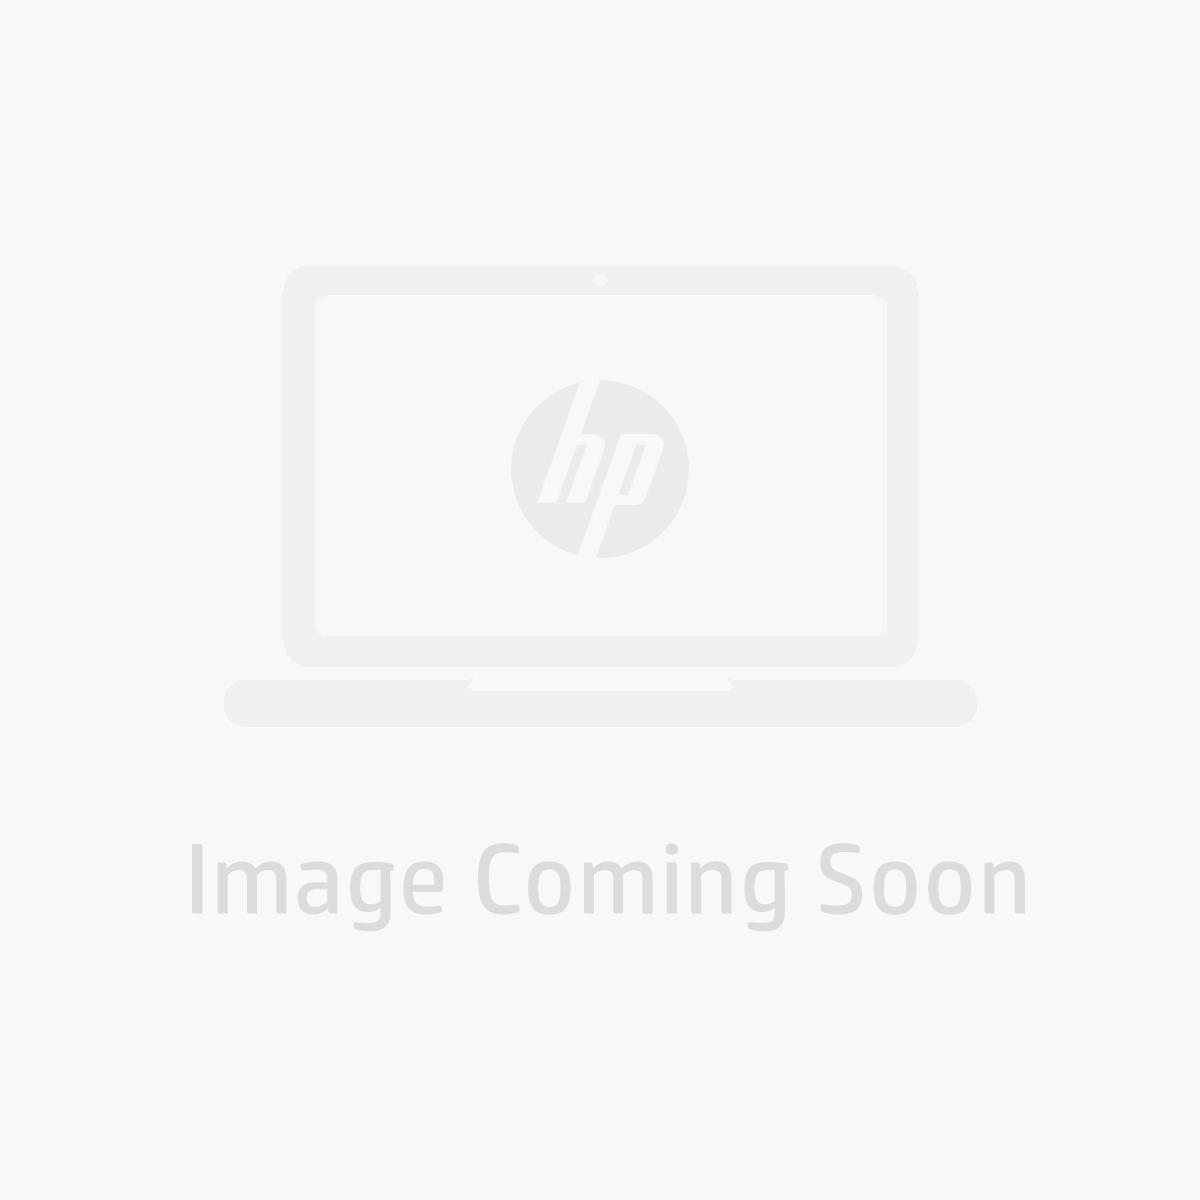 Snug Powerbank 7000 Mah Wireless Black